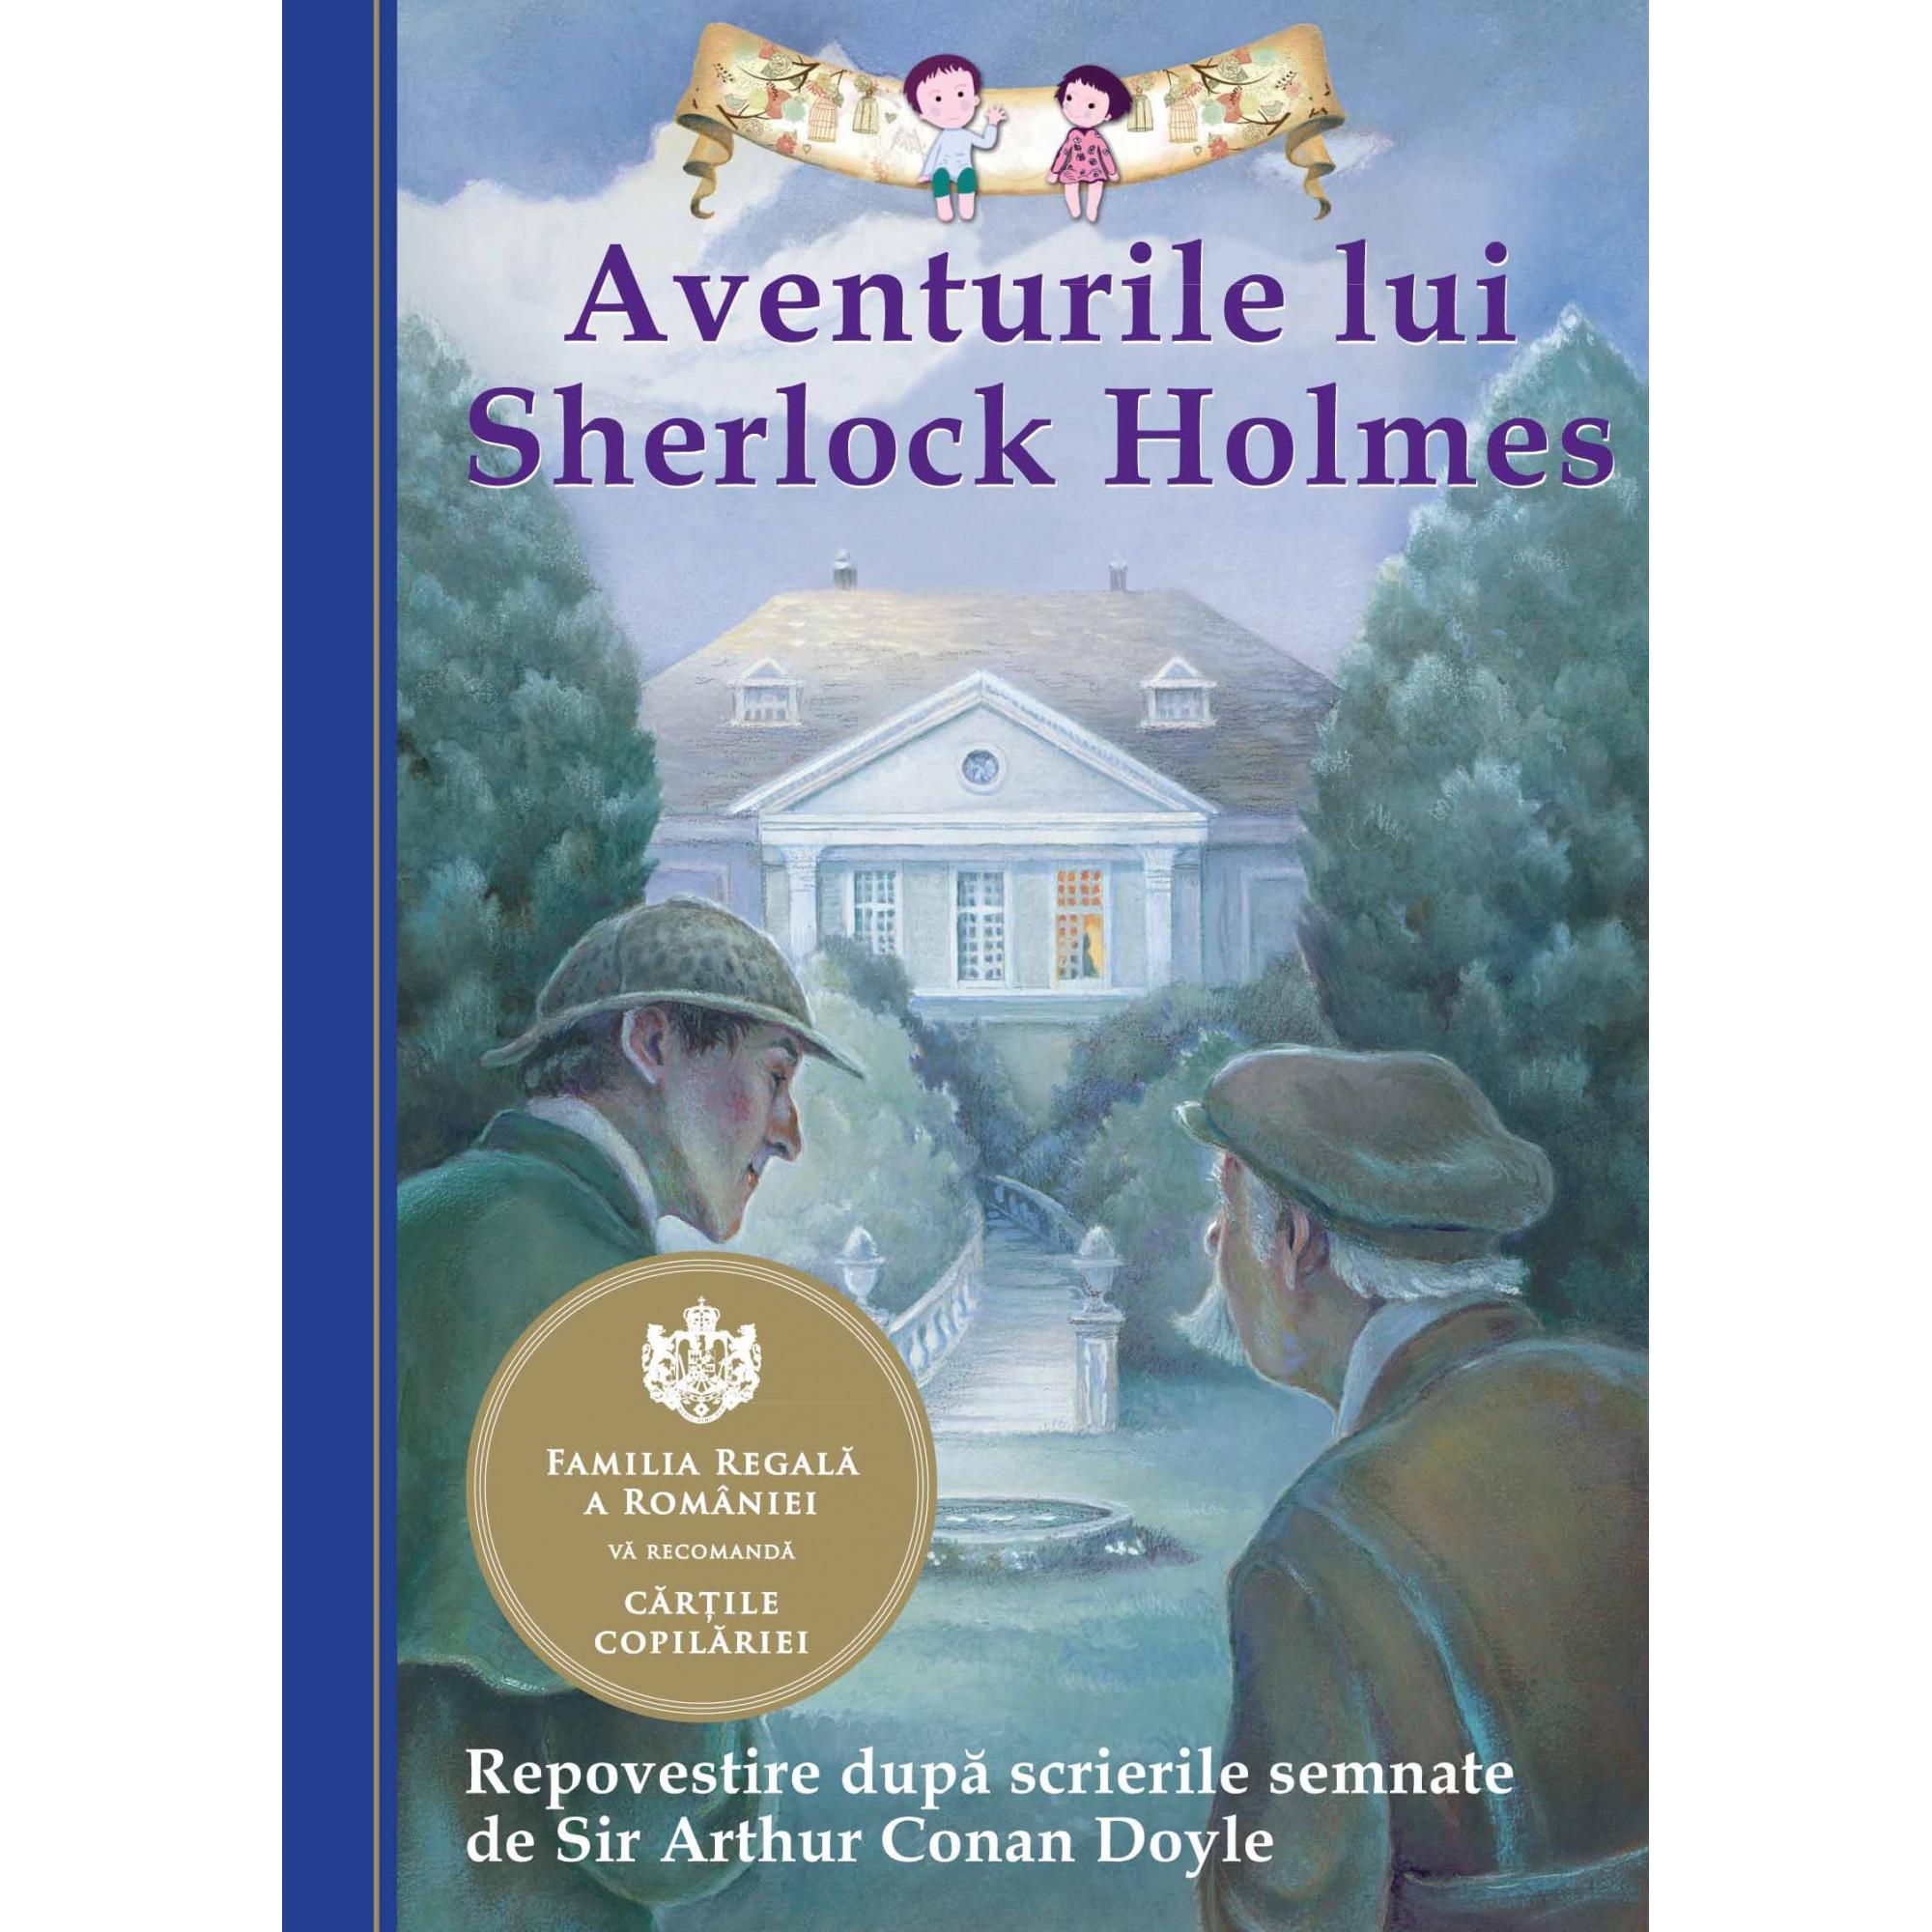 Aventurile lui Sherlock Holmes. Repovestire după scrierile semnate de Sir Arthur Conan Doyle. Ediția a II-a; Chris Sasaki